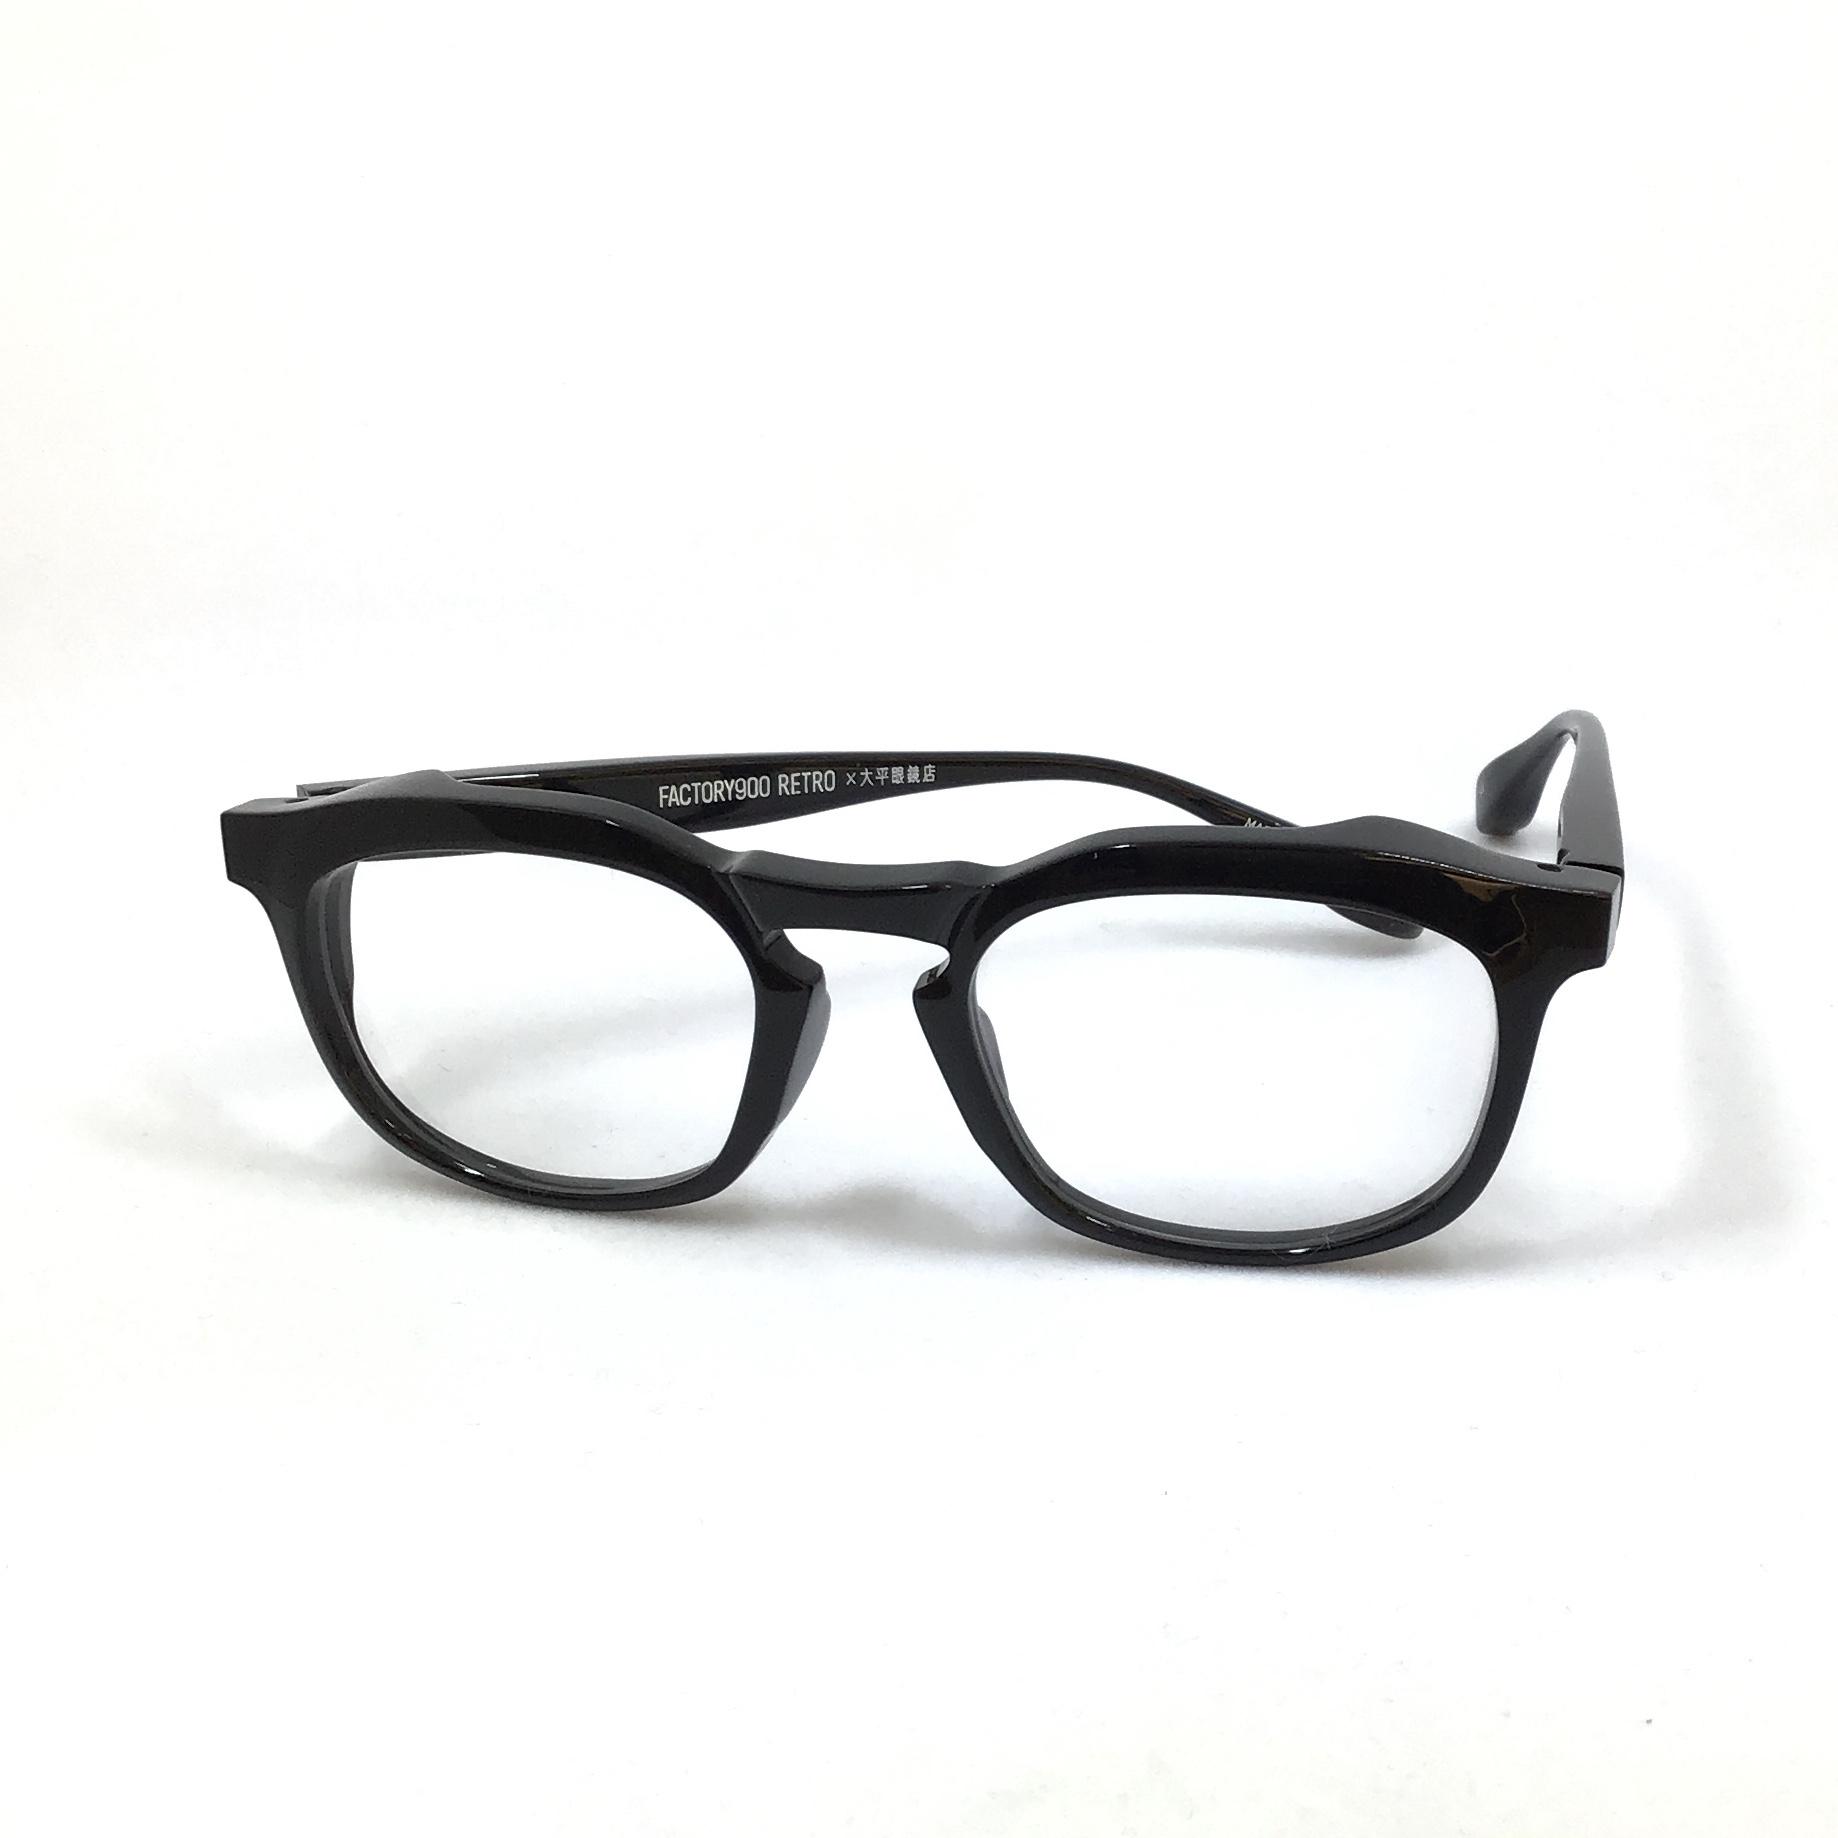 RF-036 大平眼鏡店モデル